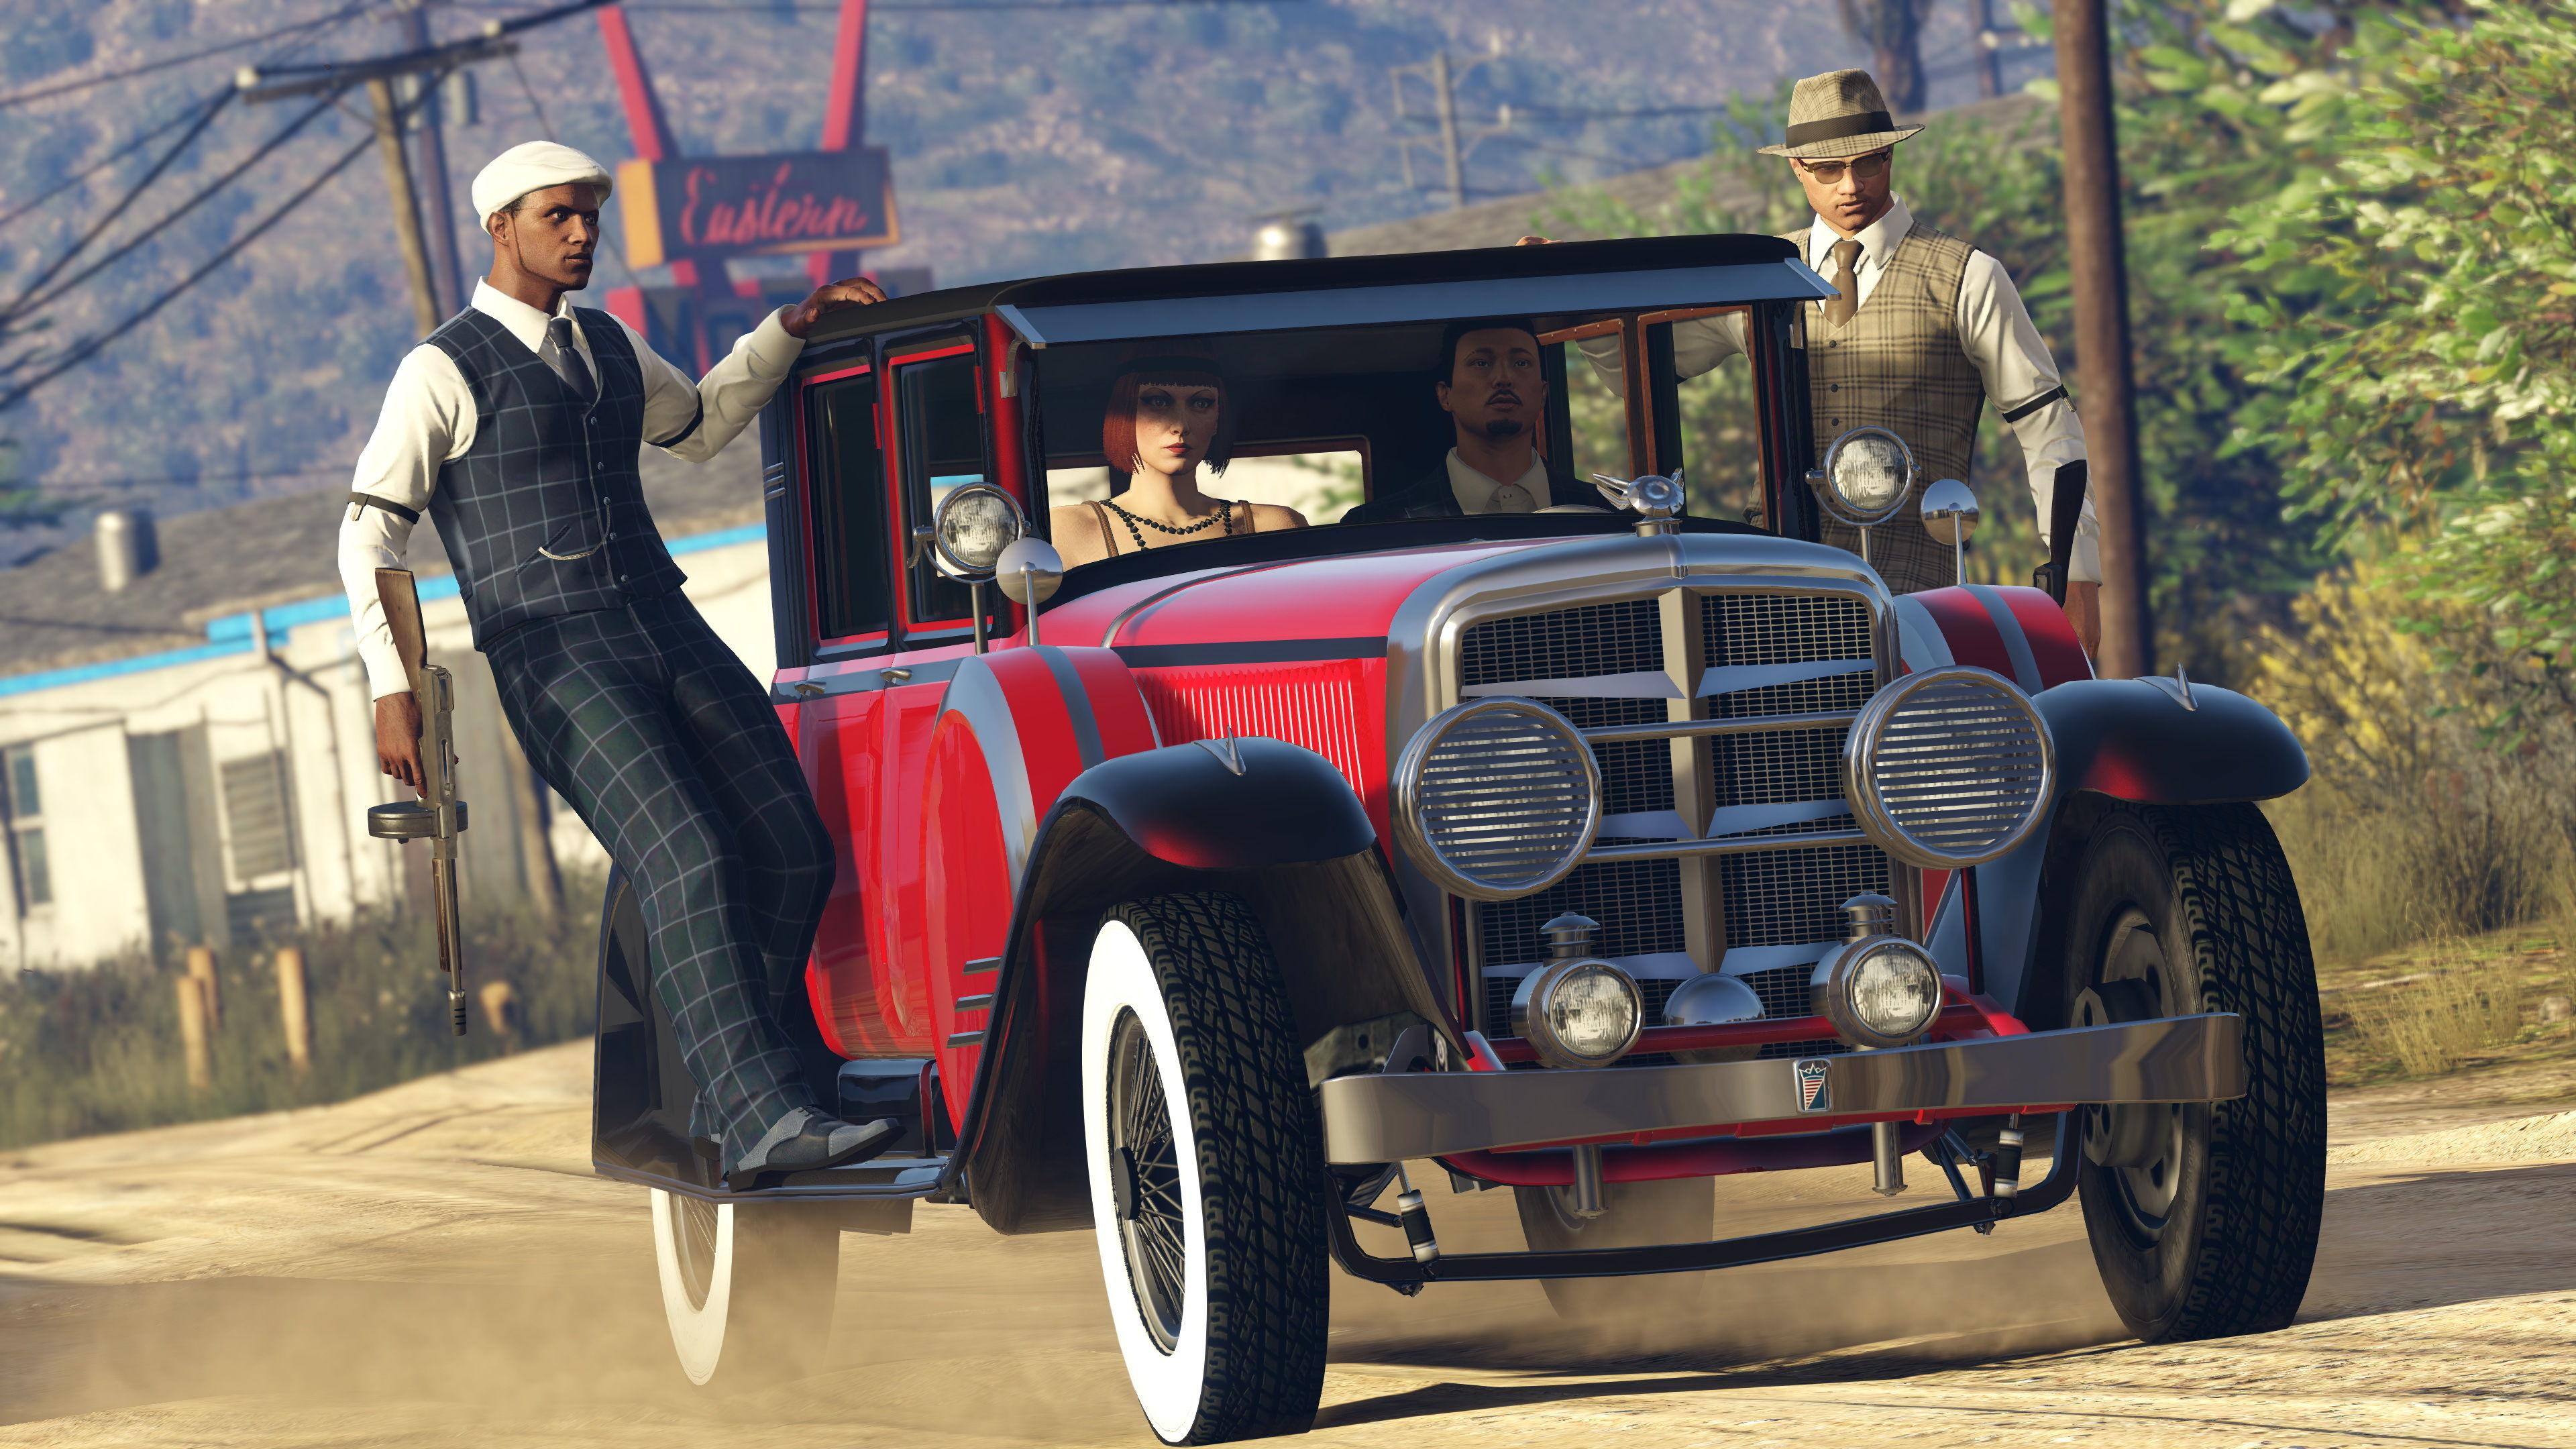 Grand Theft Auto: All Games: В GTA Online вышло обновление ко Дню святого Валентина